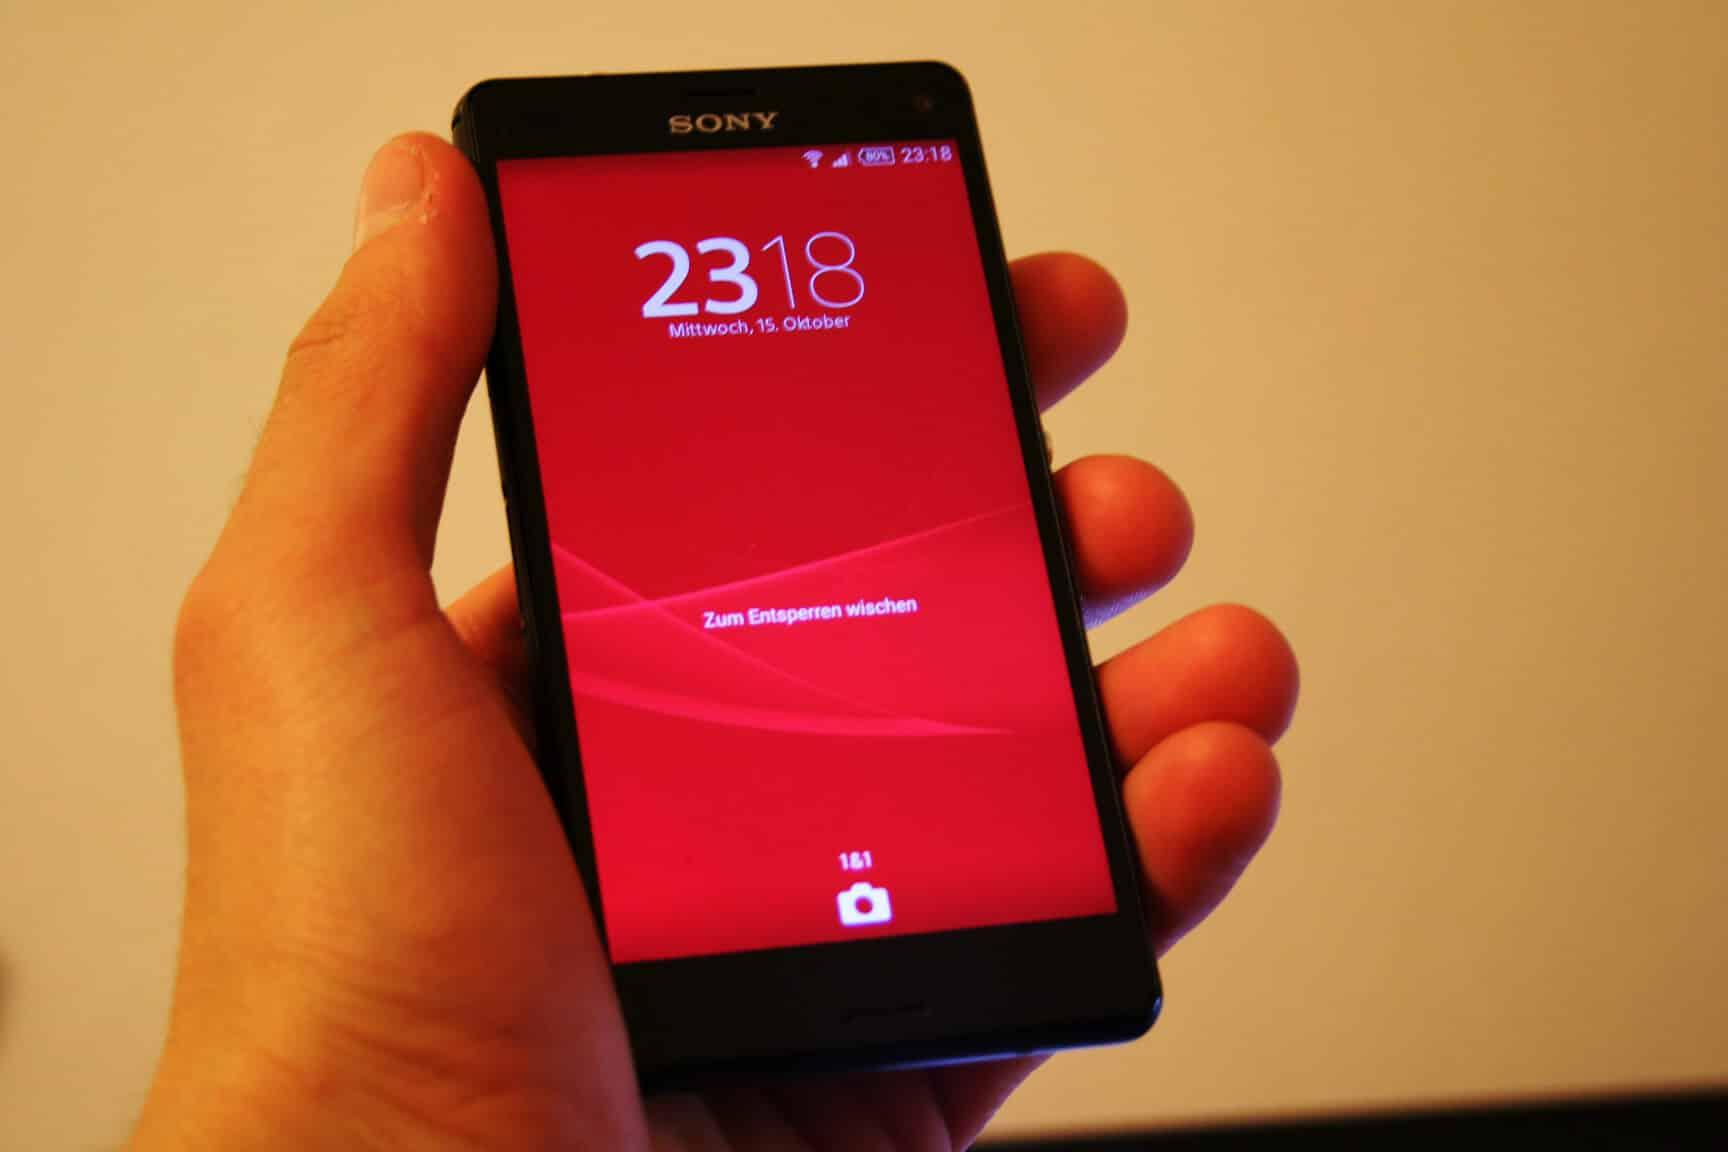 SIMON, das erste Smartphone: 34 weitere spannende Infos über moderne Handys